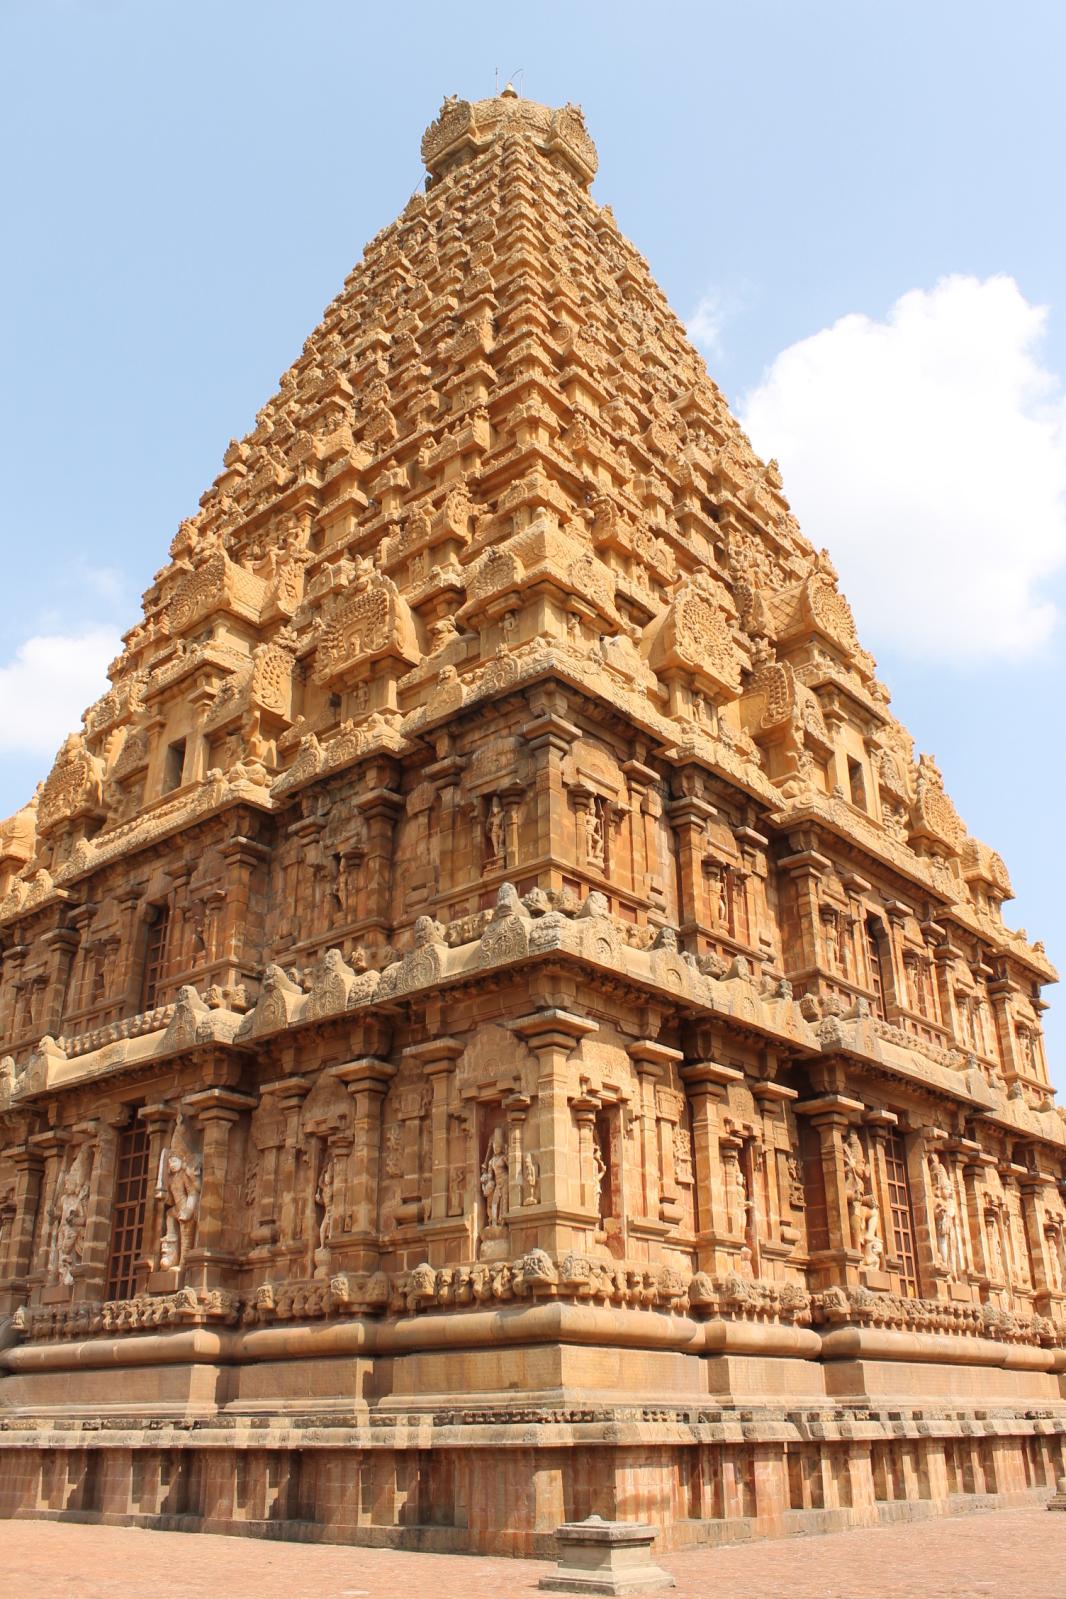 Empire clipart architecture Gupta CE Gupta empire Search